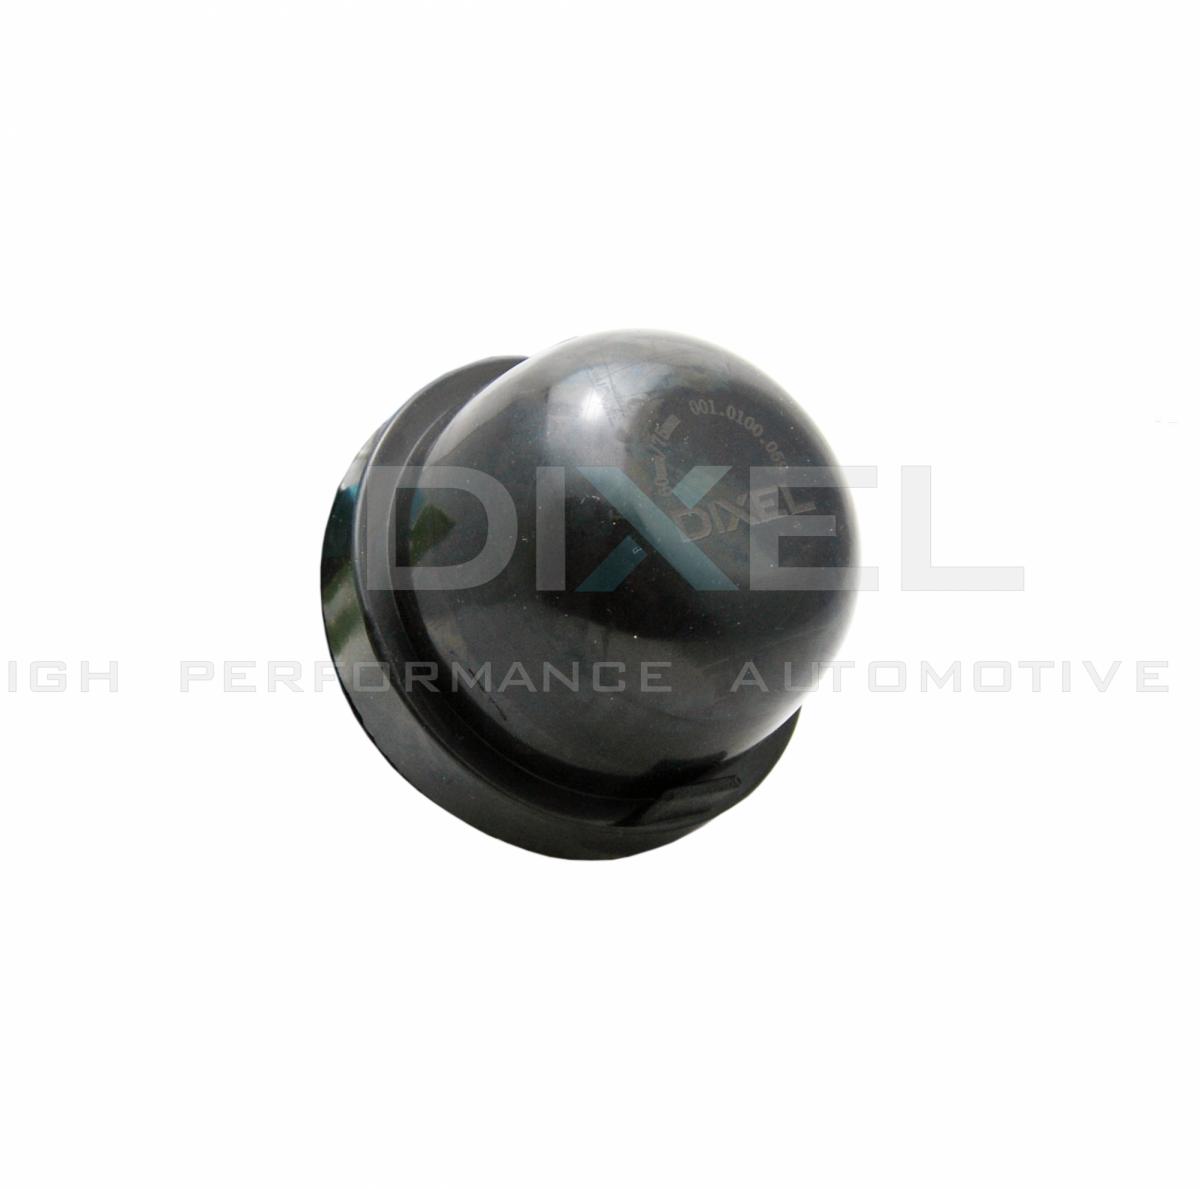 Крышка для фары диаметр 75 мм, высота 60 мм